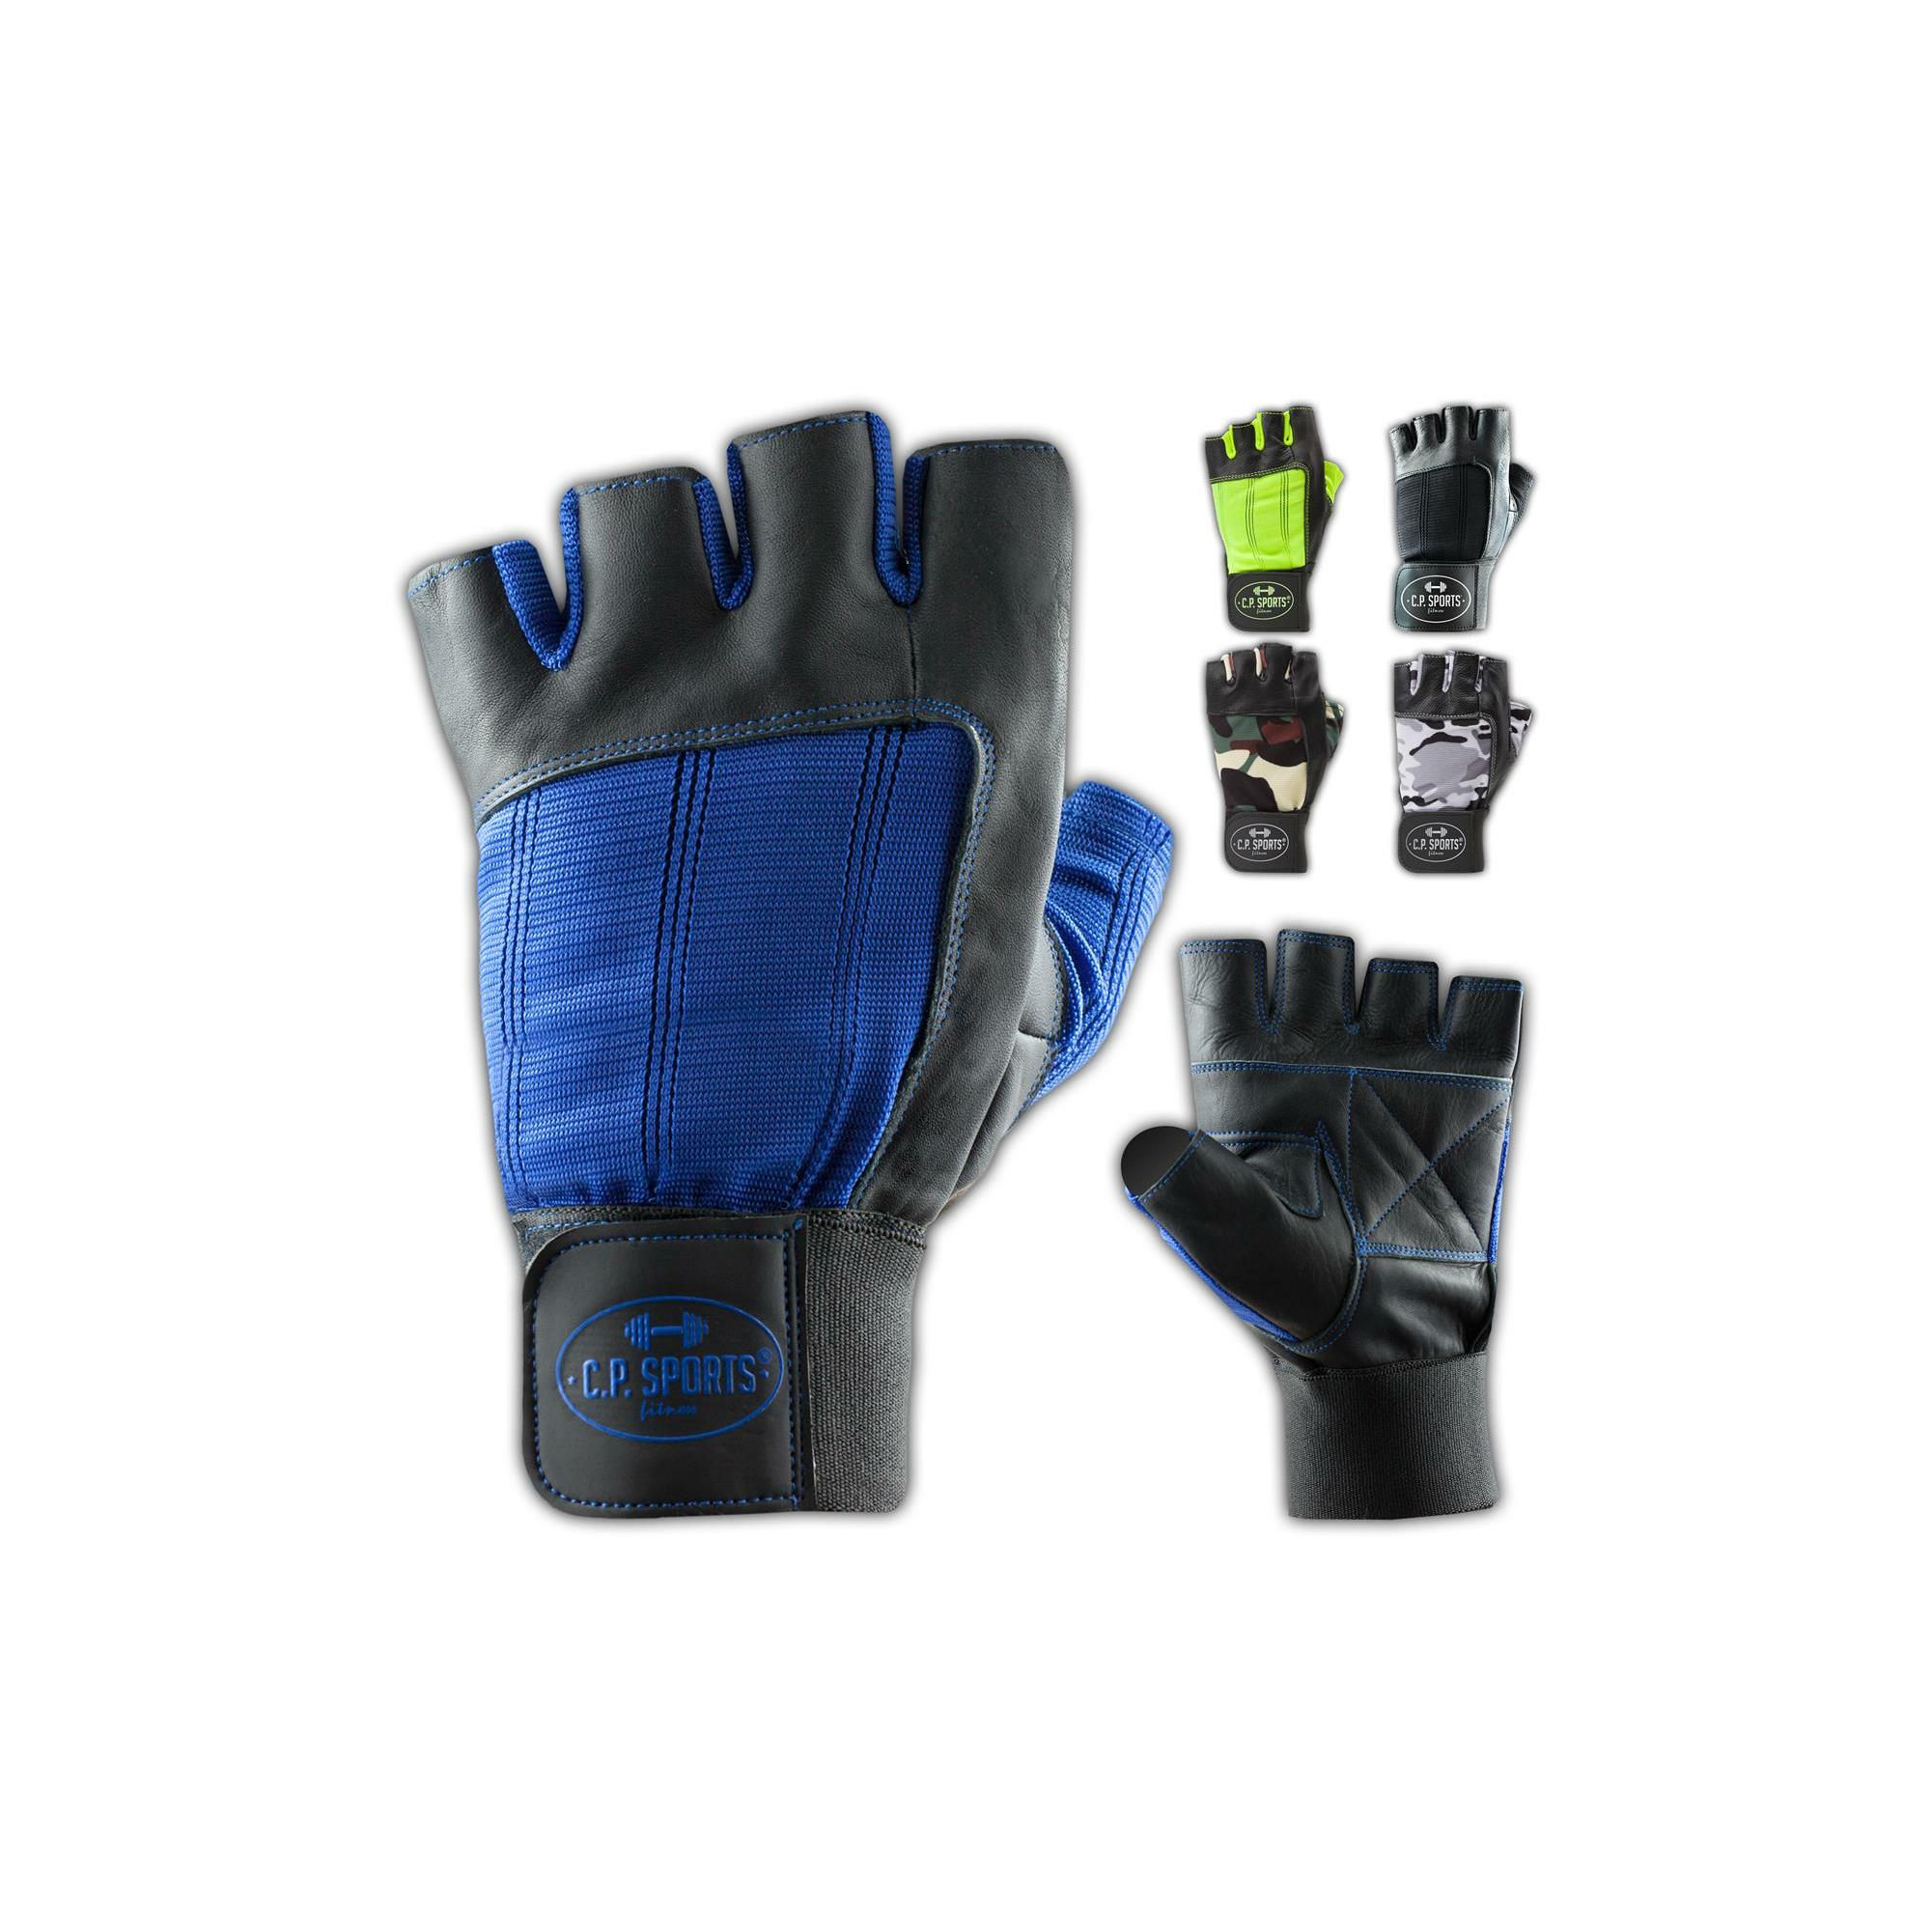 BAY® TOP LEDER CUDDLY Trainings Handschuhe mit Handgelenk Bandagen schwarz neu